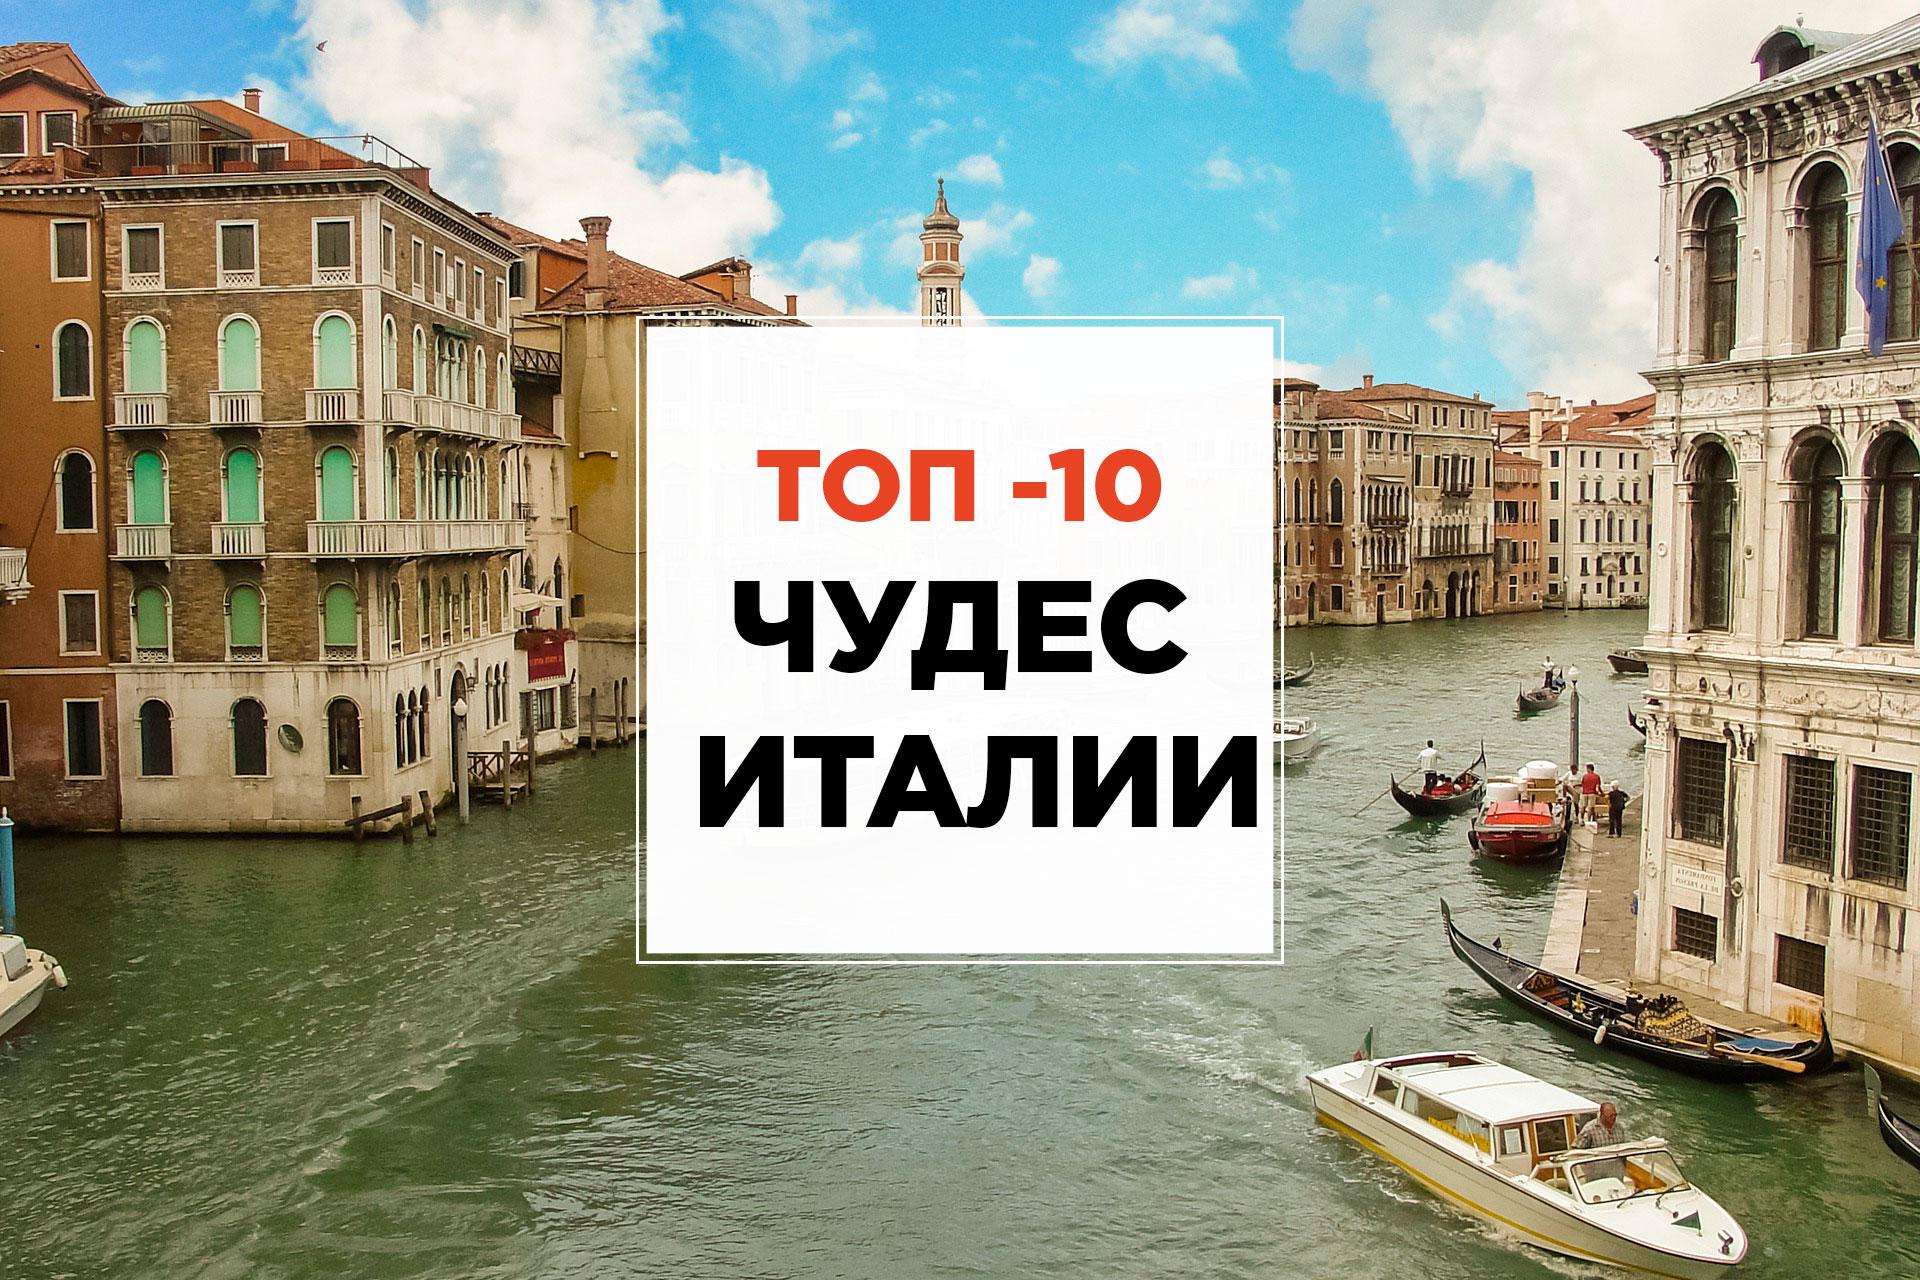 Достопримечательности Италии: 10 мест, которые необходимо посетить